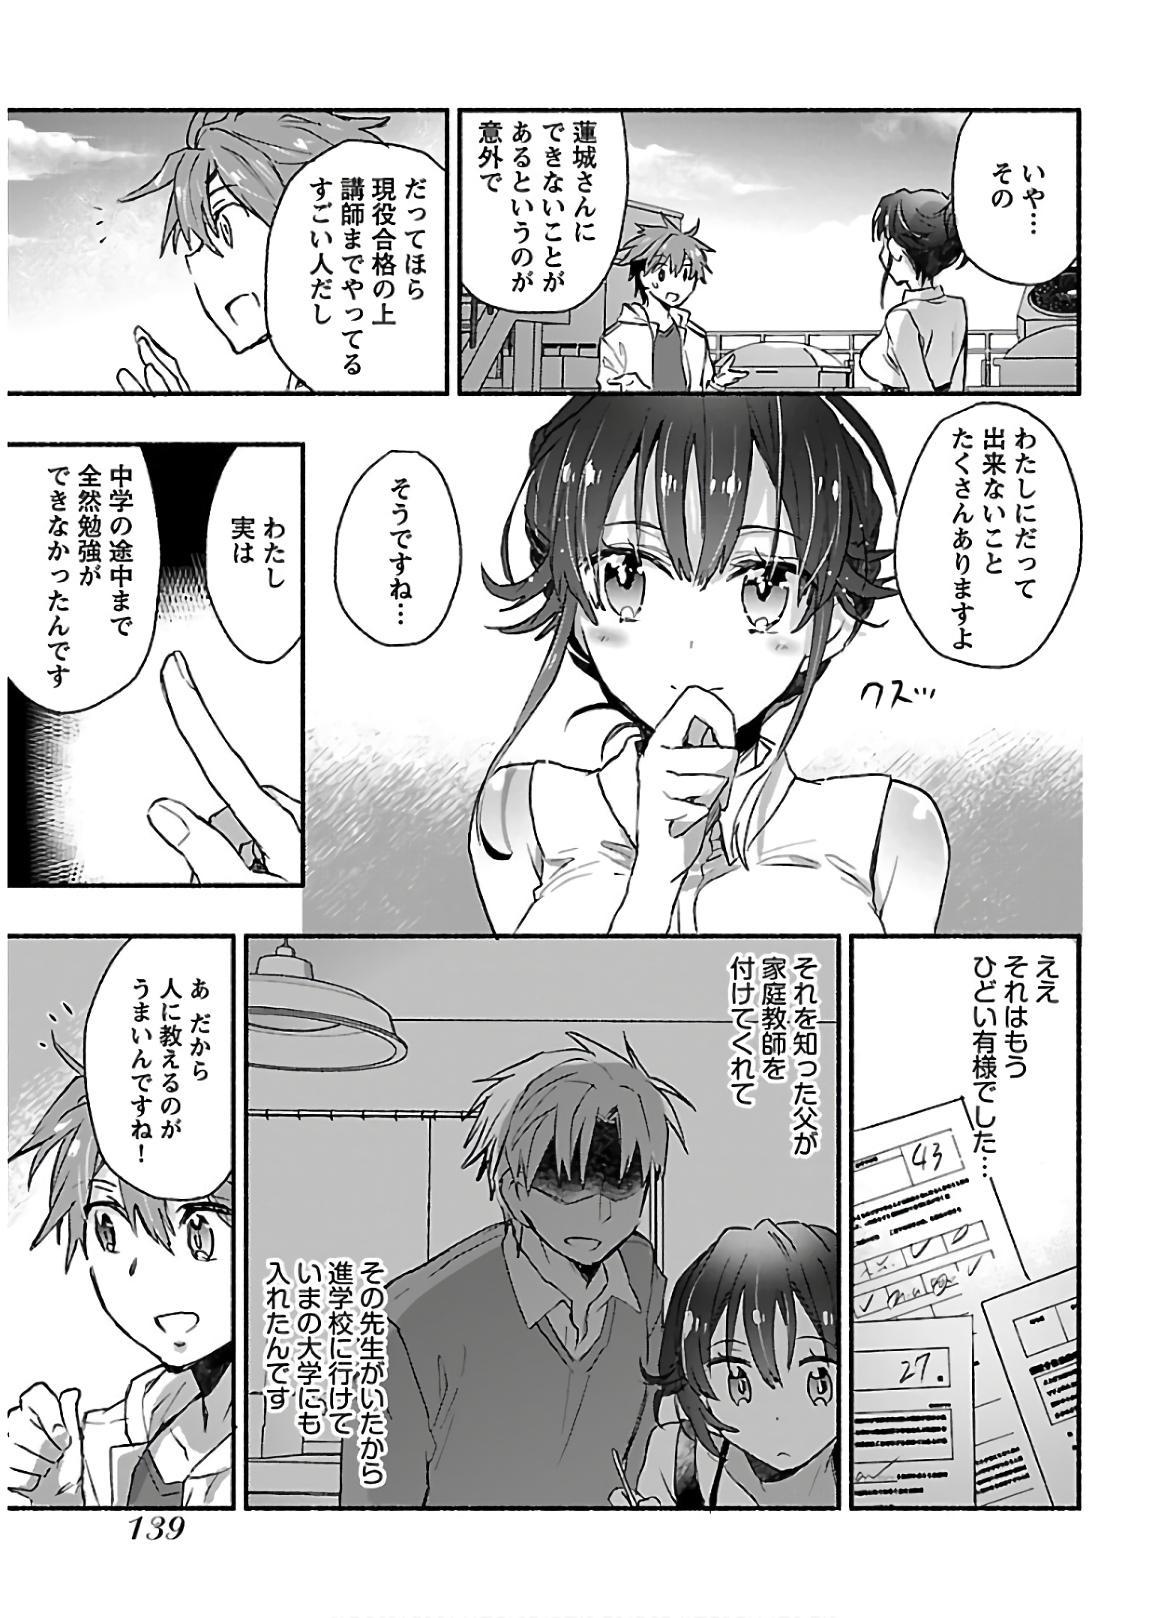 Yankii musume ni natsukarete kotoshi mo juken ni shippai shisou desu  vol.1 140